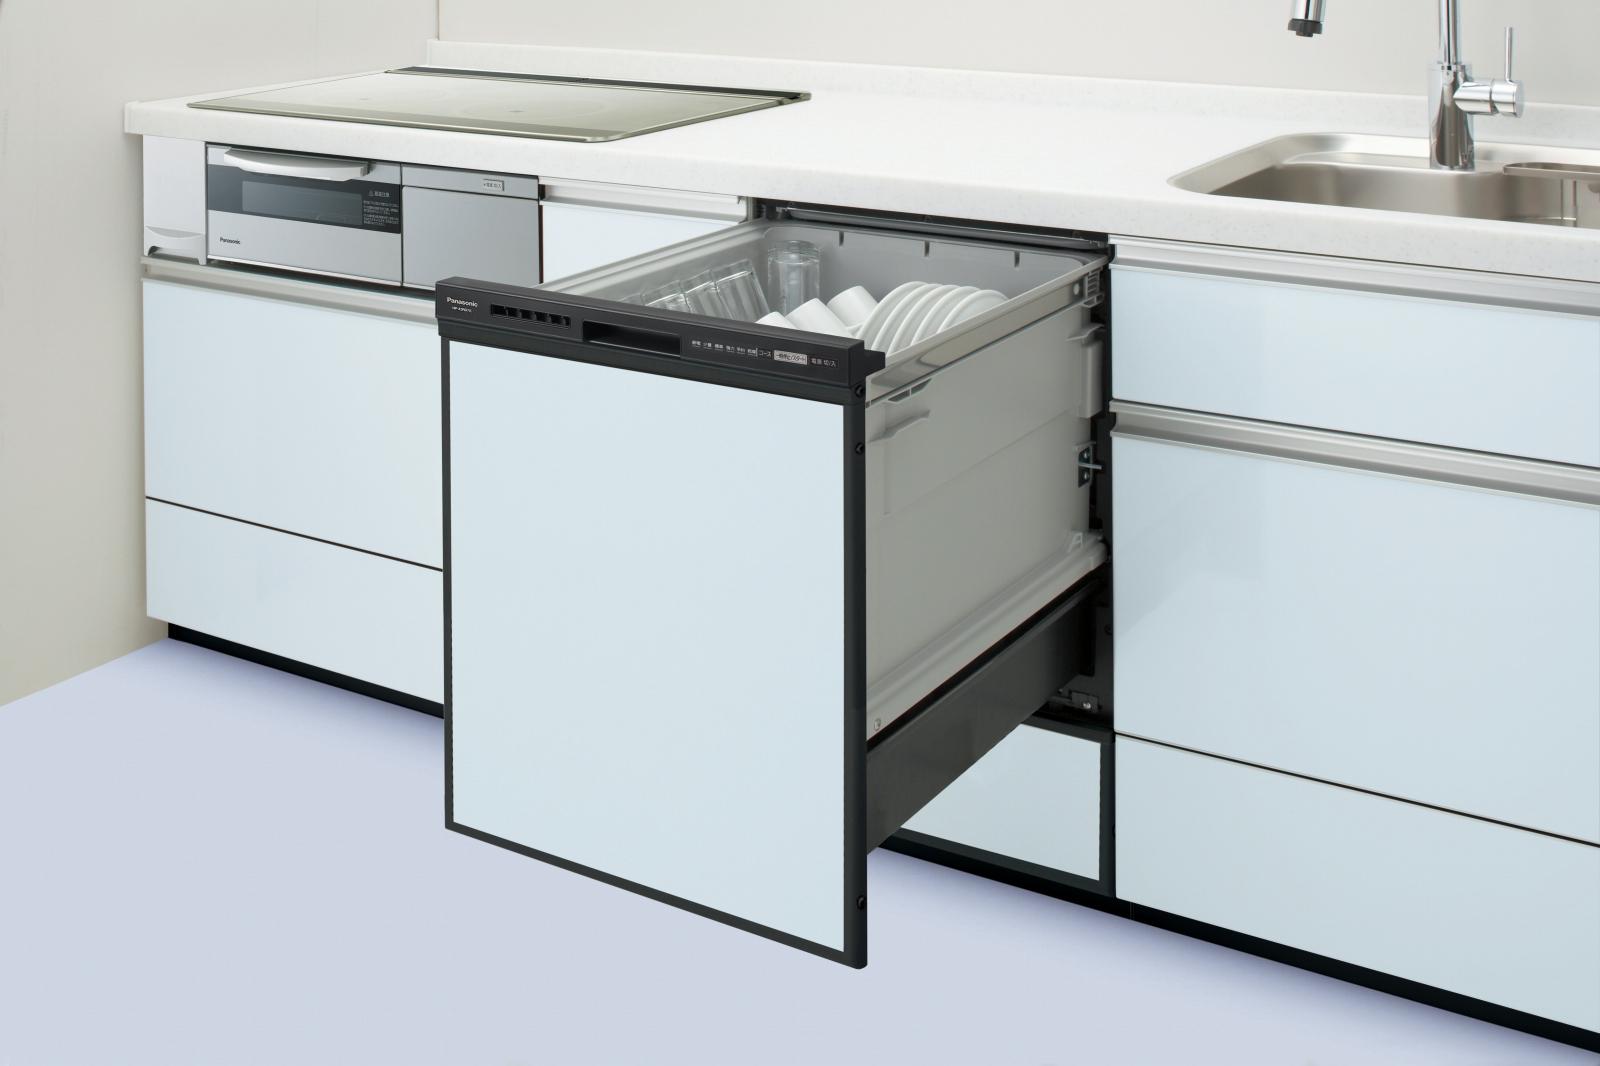 【延長保証5年間対象商品】パナソニック・ビルトイン食器洗乾燥機(食洗機)【NP-45RD7K】幅45cm ディープタイプ・ドアパネル型/ブラック